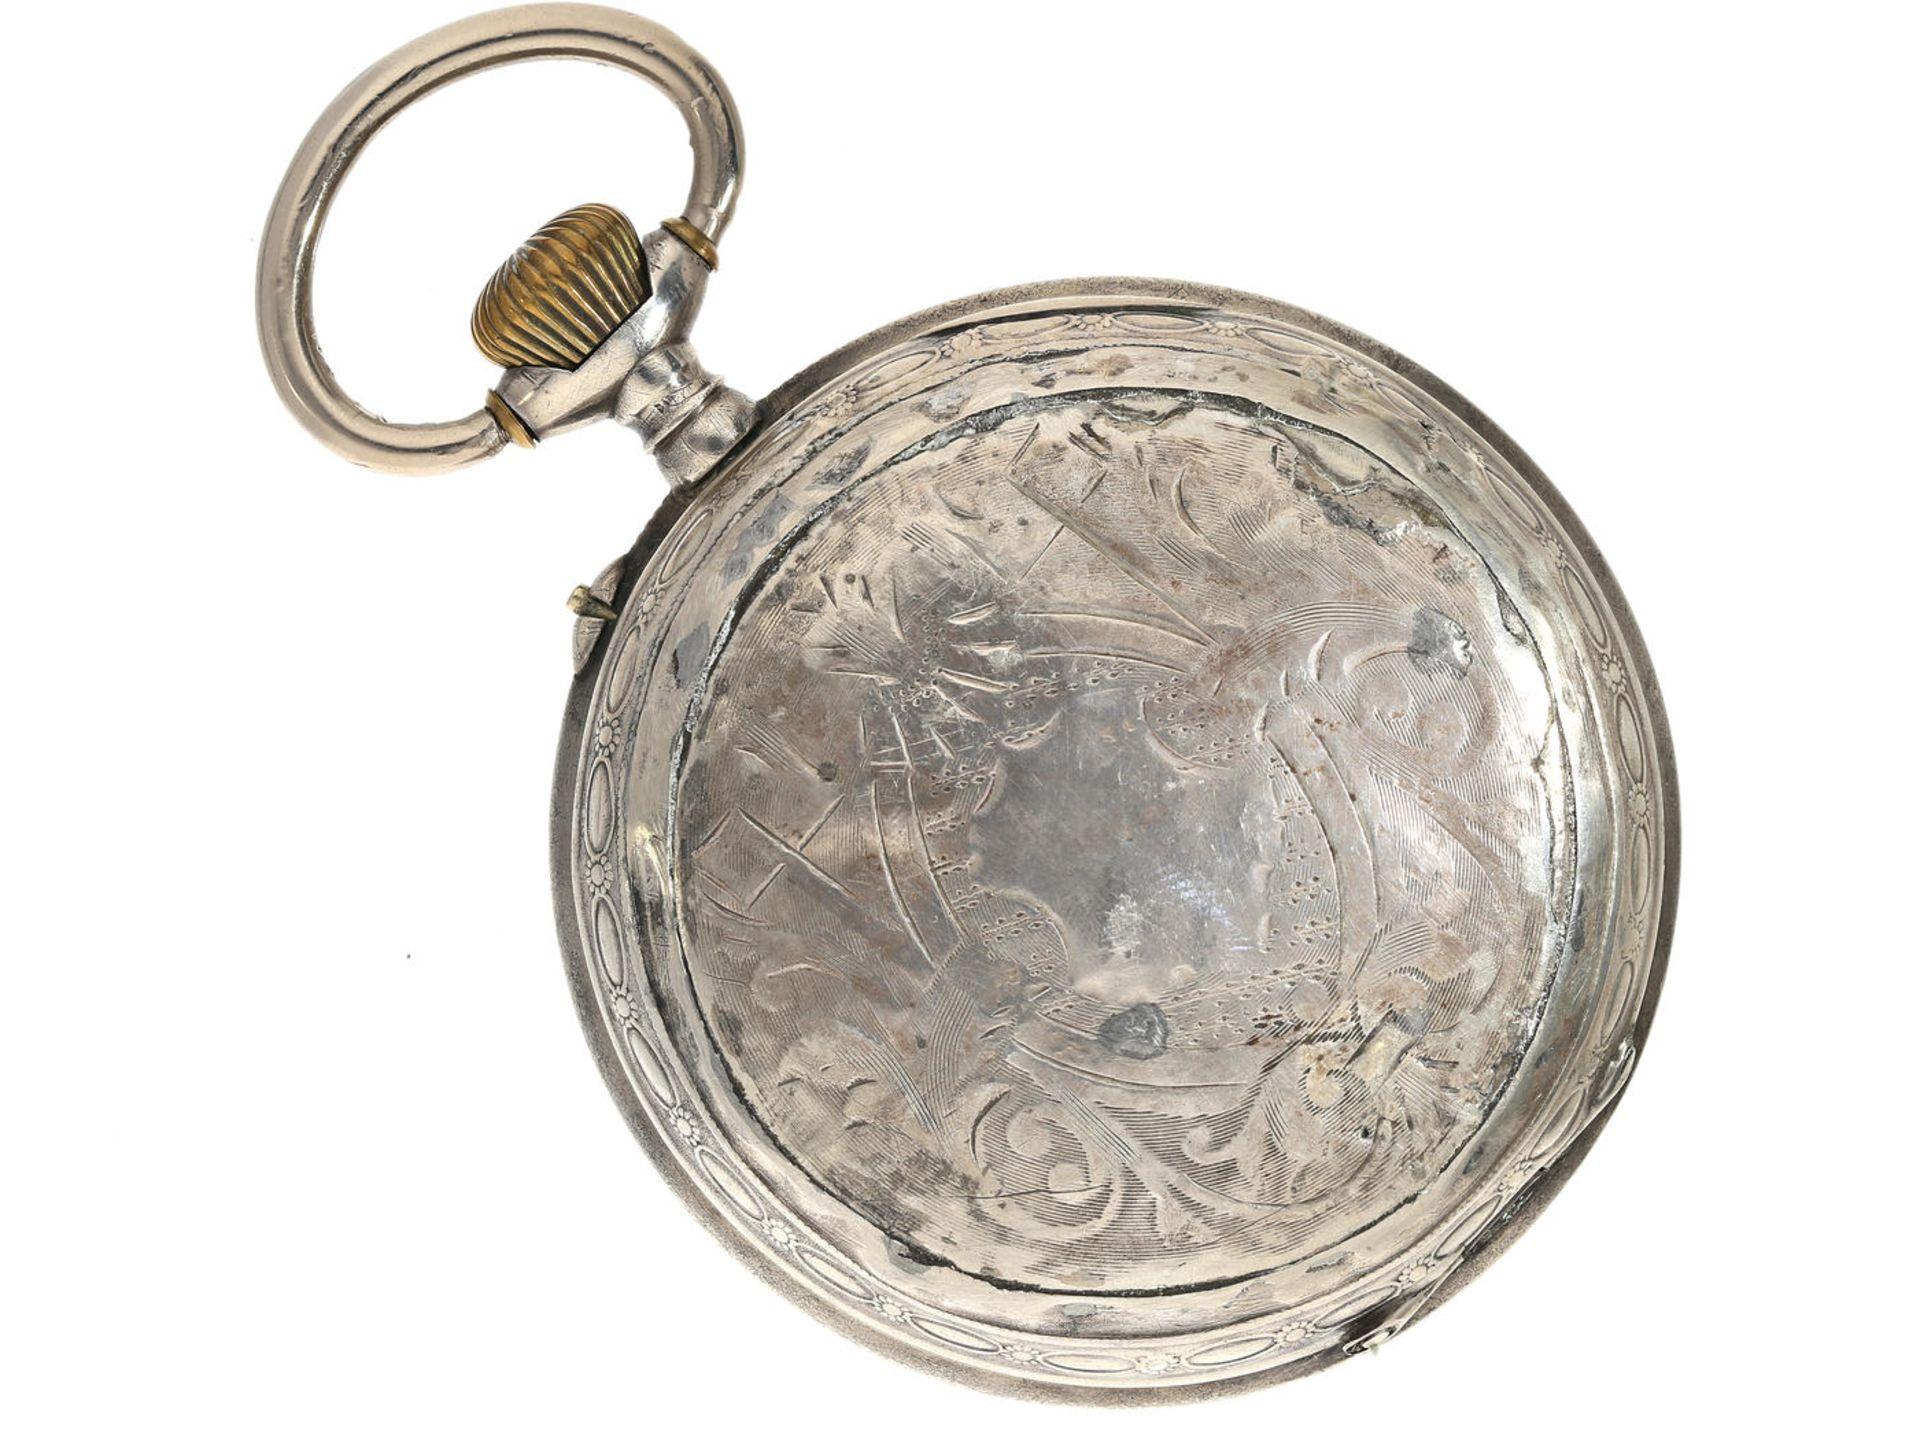 """Taschenuhr: übergroße, silberne Taschenuhr mit dekorativem Kartuschenzifferblatt, Typ """"Regulateur - Bild 5 aus 5"""